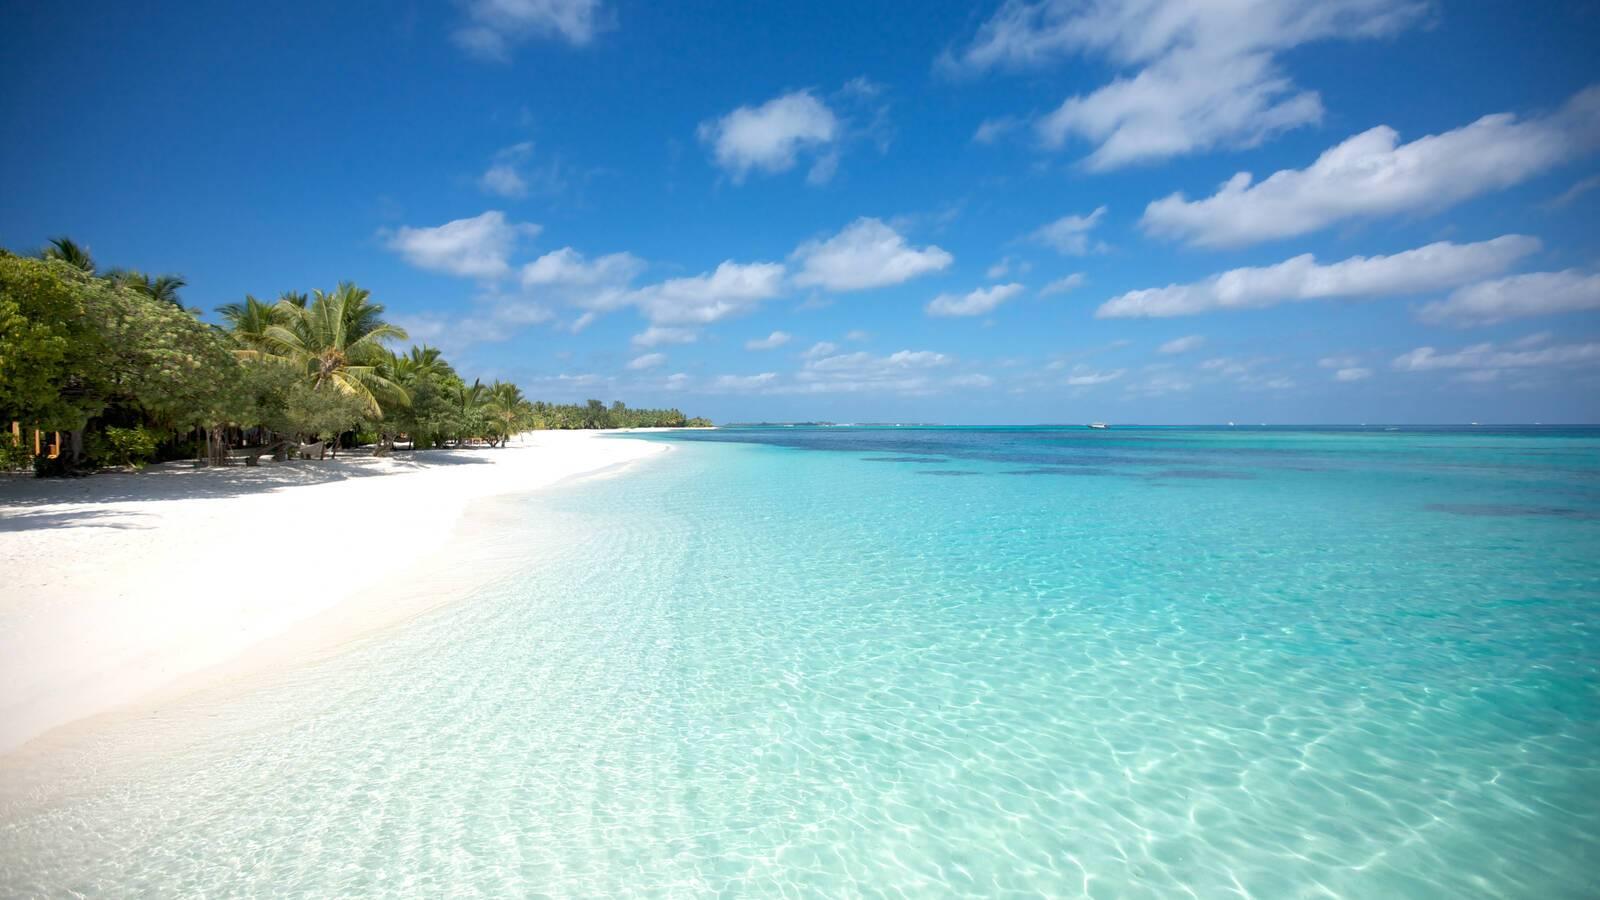 Lux South Ari Atoll Plage Maldives